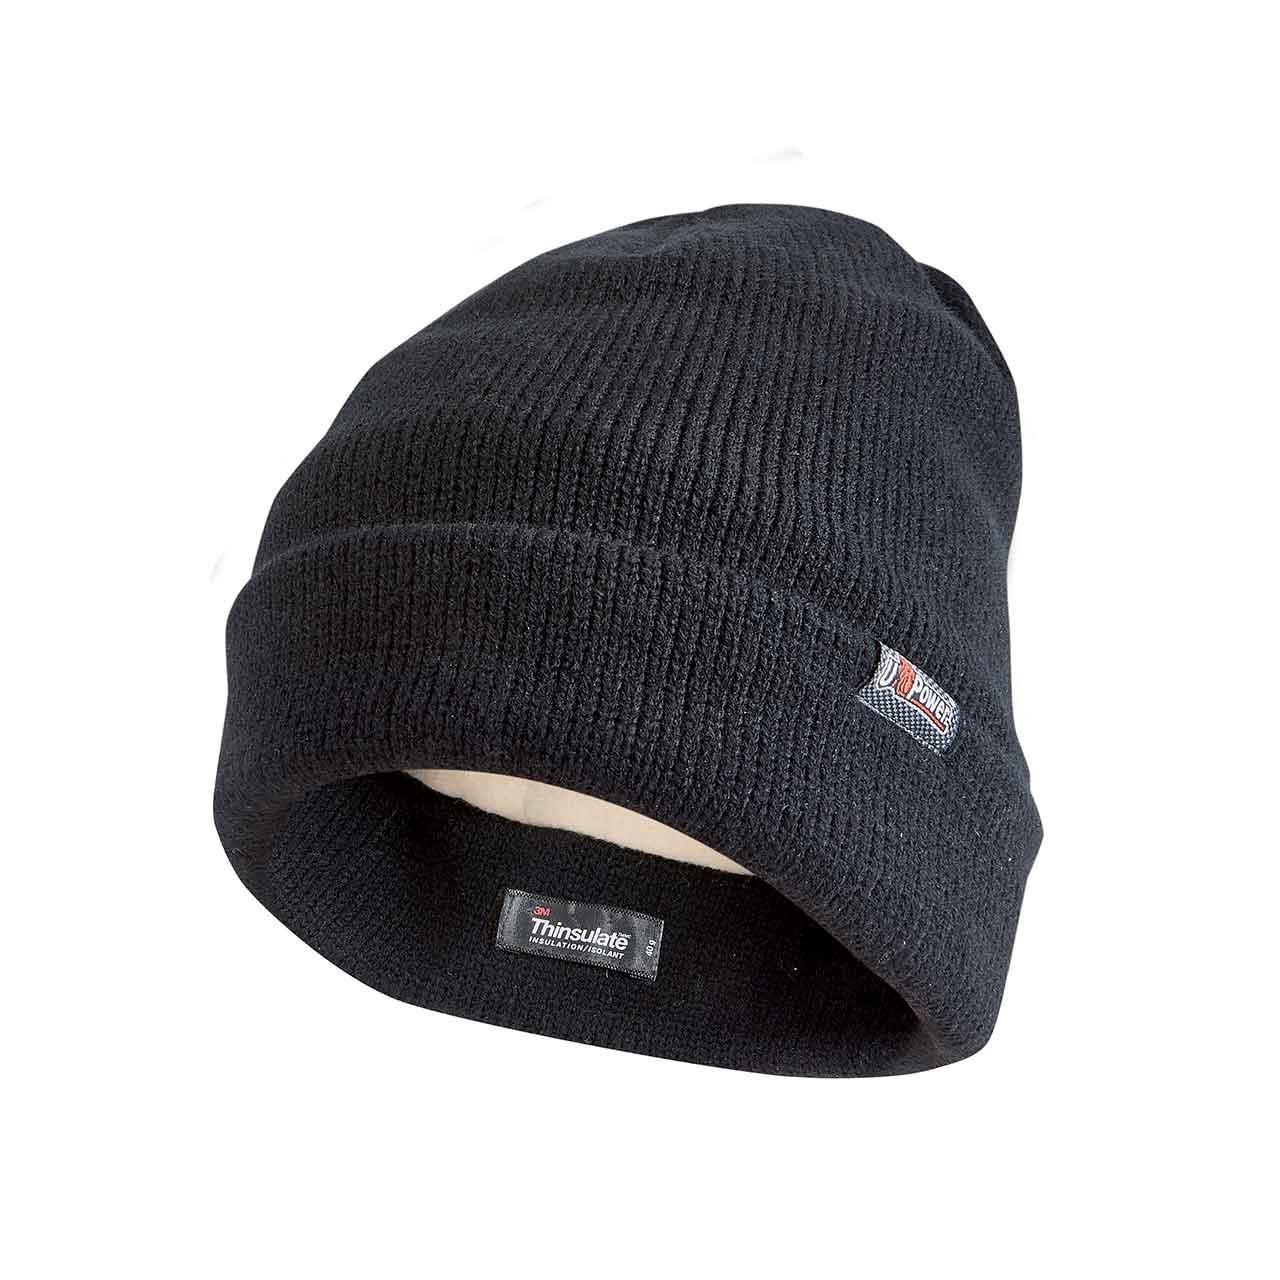 berretto invernale da lavoro upower colore black carbon